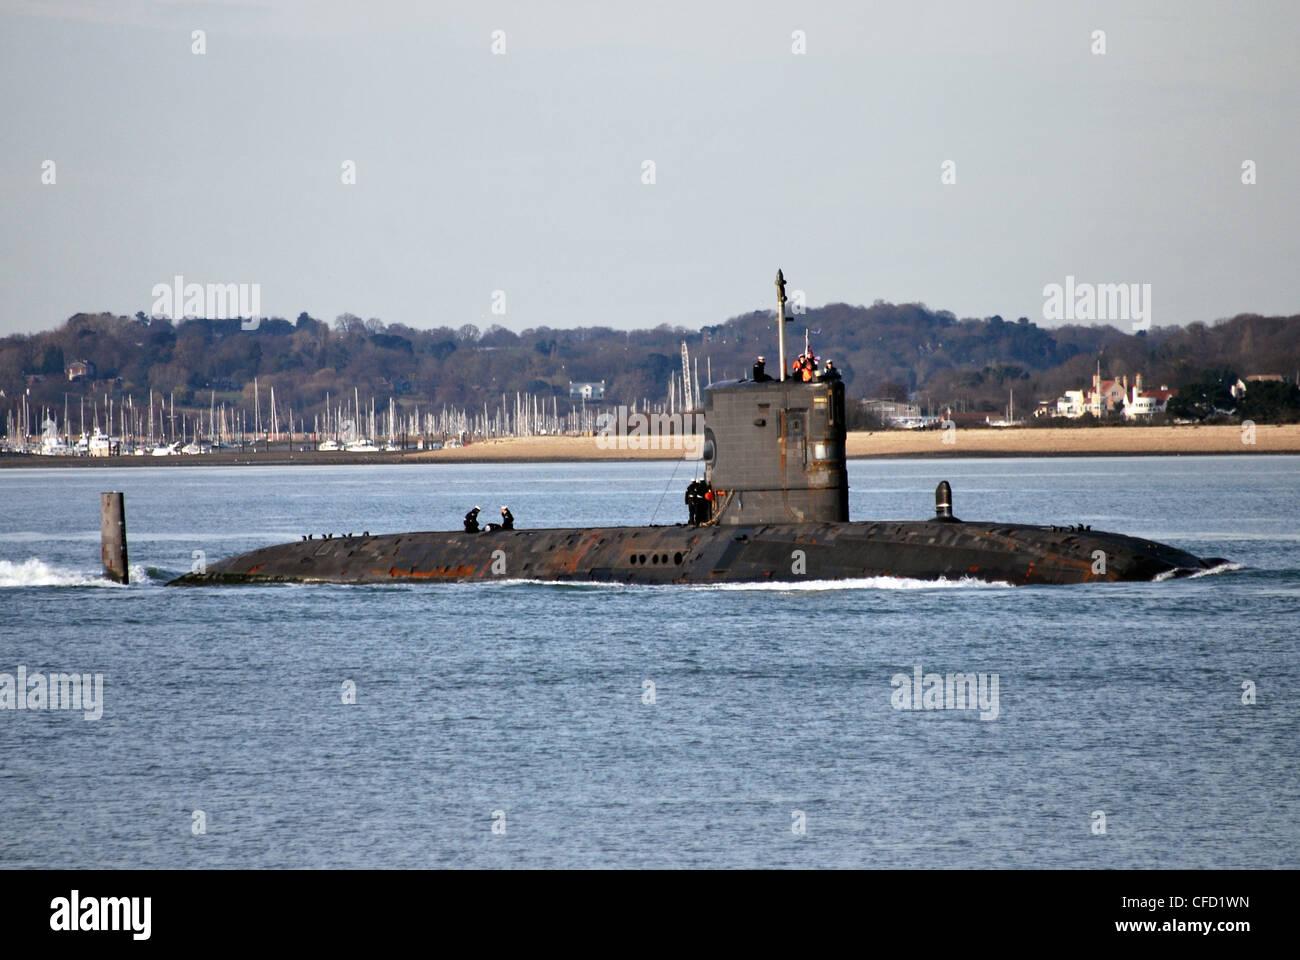 Submarino de la Marina Real 'HMS Tireless' saliendo desde Southampton después de una visita de 5 días Imagen De Stock